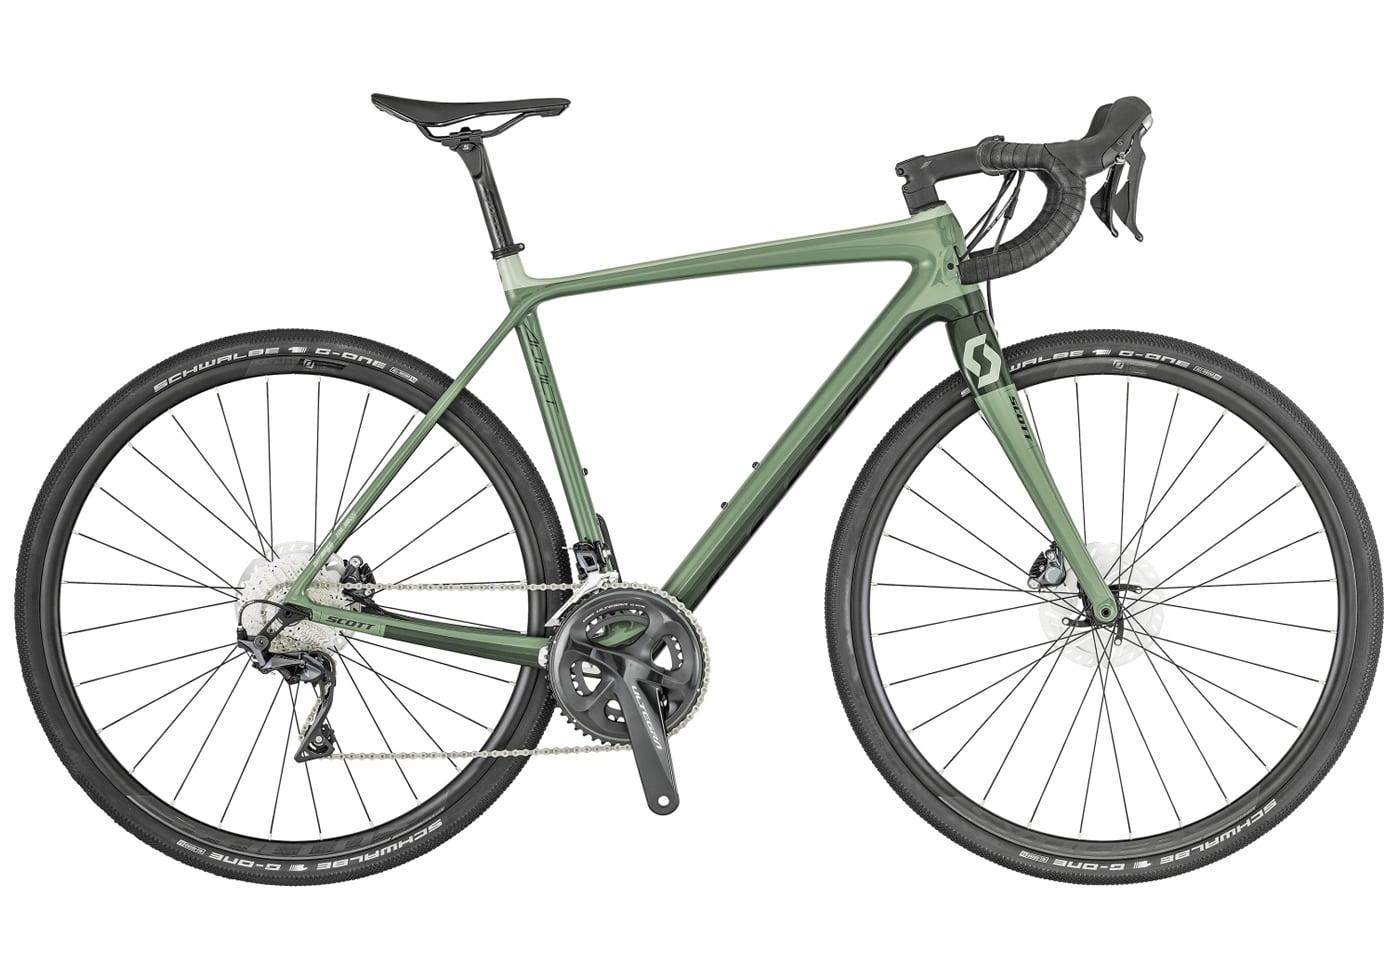 Bicicleta Scott Addict Gravel 20 2019